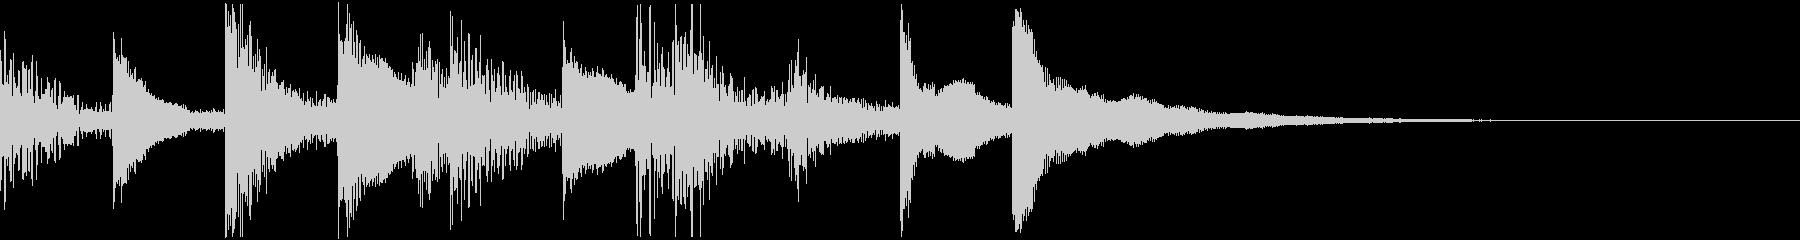 民族音楽的なジングルの未再生の波形